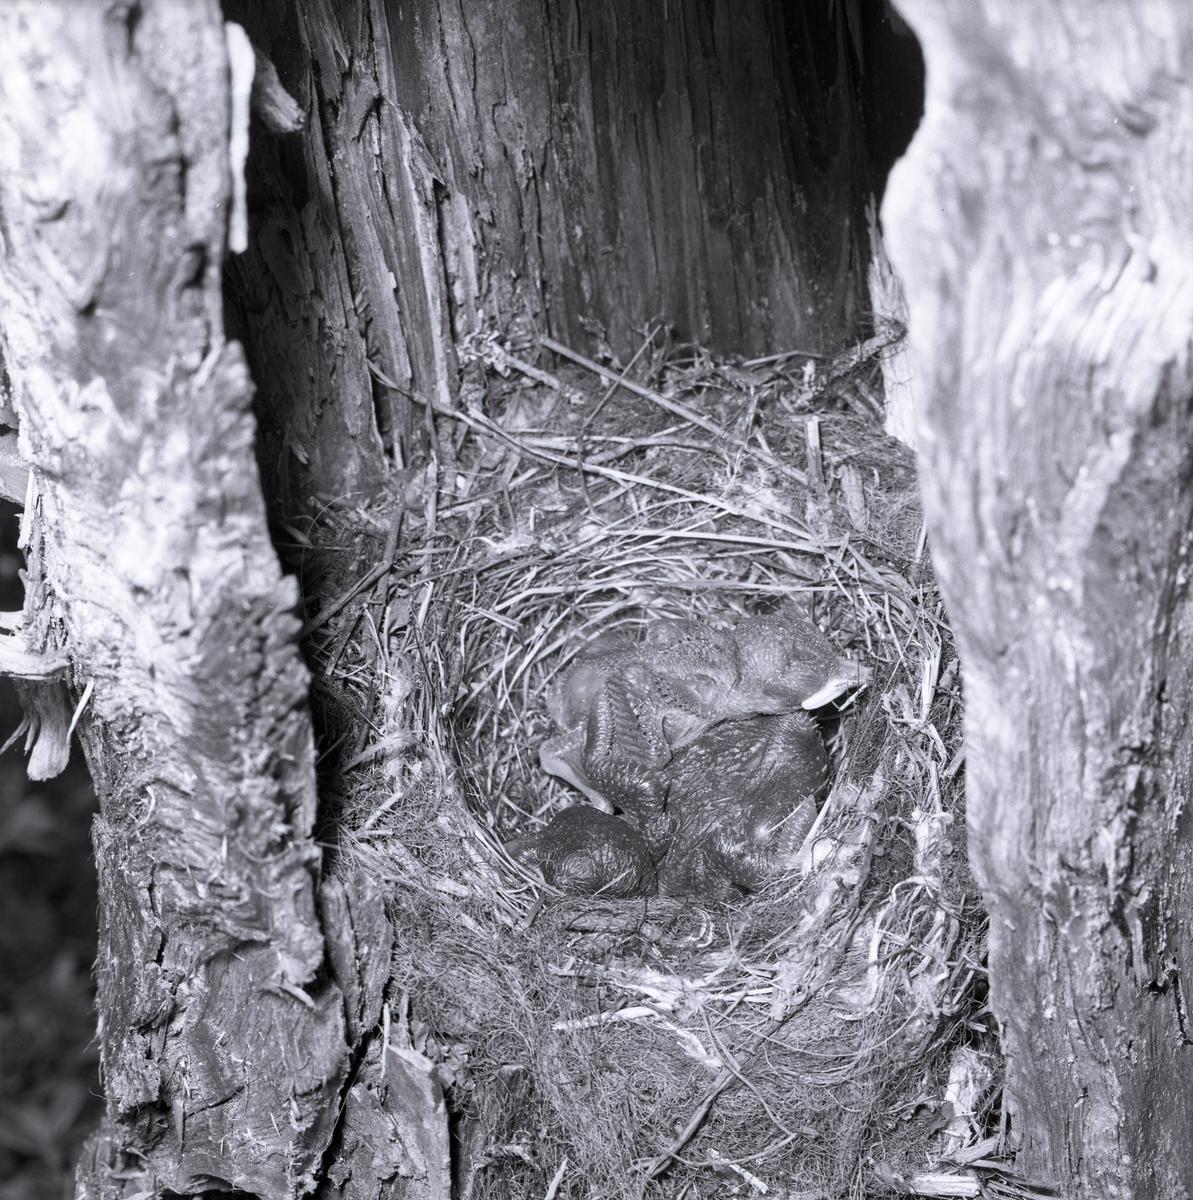 En fågelunge har nydligen kläckts. Dennes liv blir kort eftersom den har oturen att kläckas i samma bo som en gökunge. Knappt har den hunnit kläckas innan den större gökungen försöker knuffa den ur boet. Gökungen använder ryggen för att trycka den andra fågelungen över kanten.